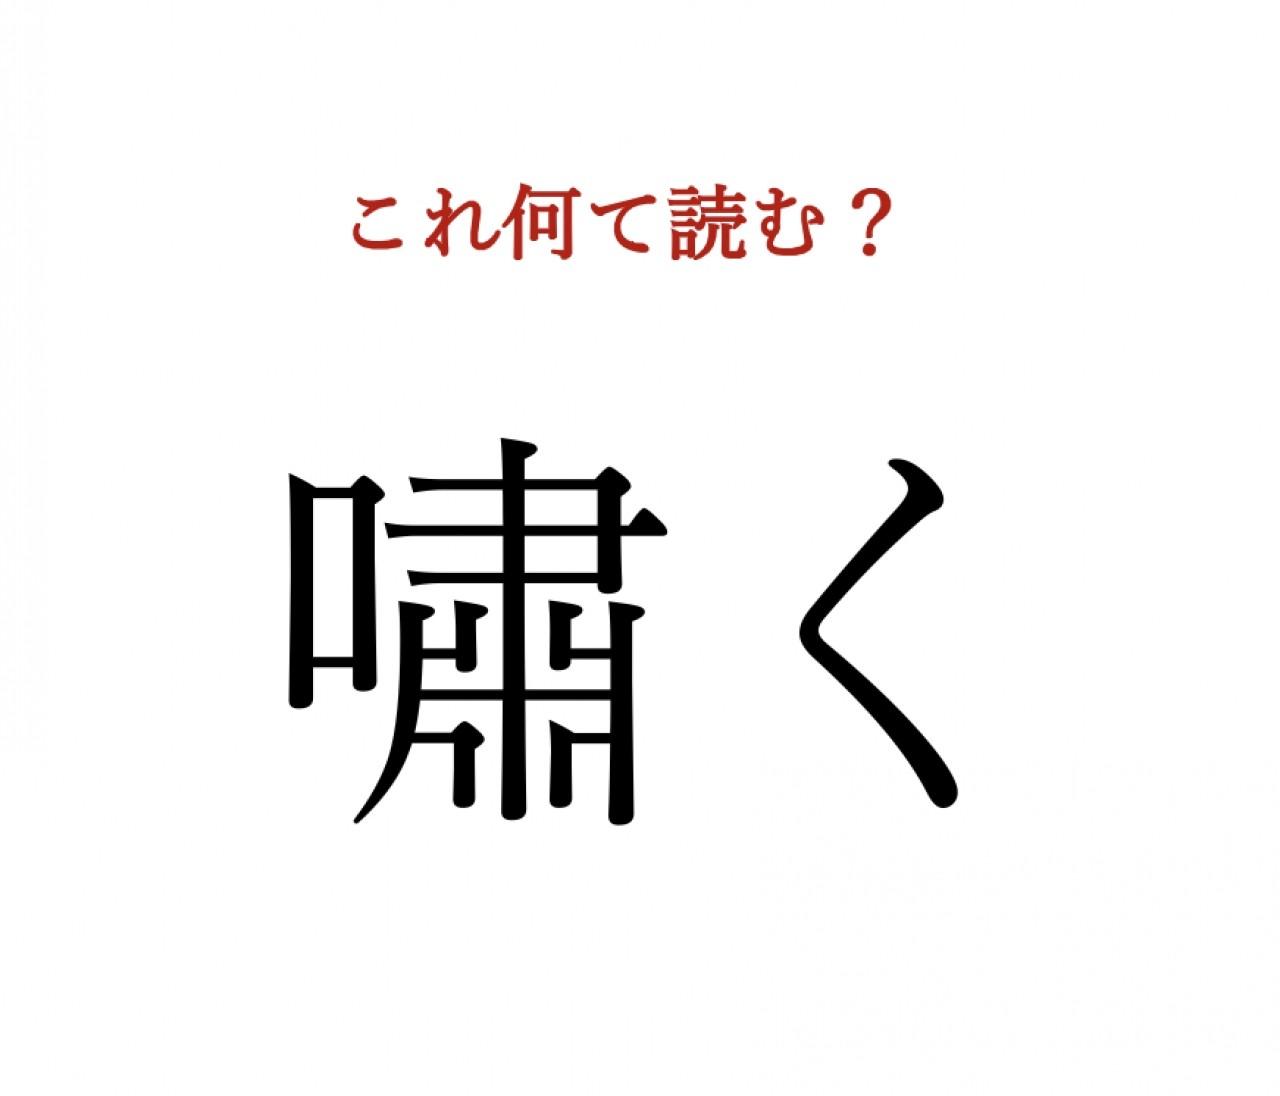 「嘯く」:この漢字、自信を持って読めますか?【働く大人の漢字クイズvol.20】